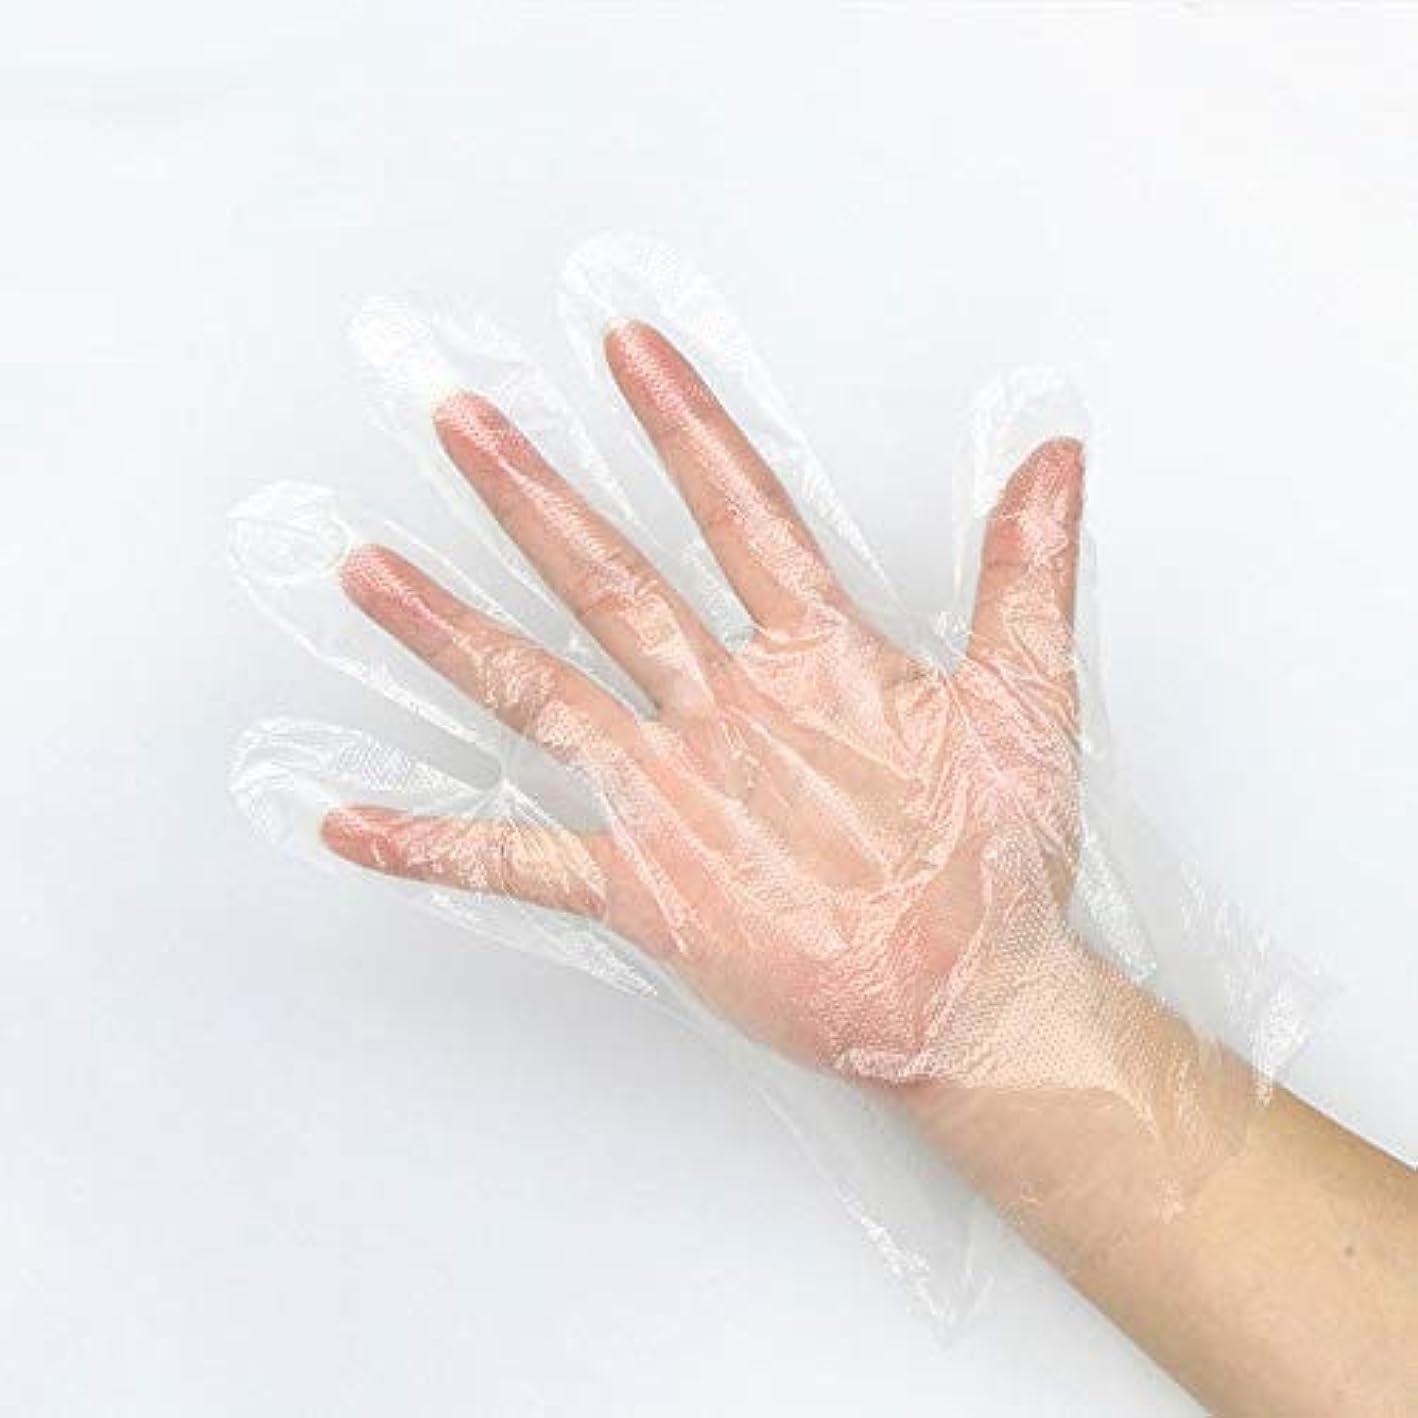 オートインカ帝国有料使い捨てのPEフィルム透明手袋1000のみ - 食品加工美容室キッチン調理健康診断用 YANW (色 : A, サイズ さいず : 0.9G)